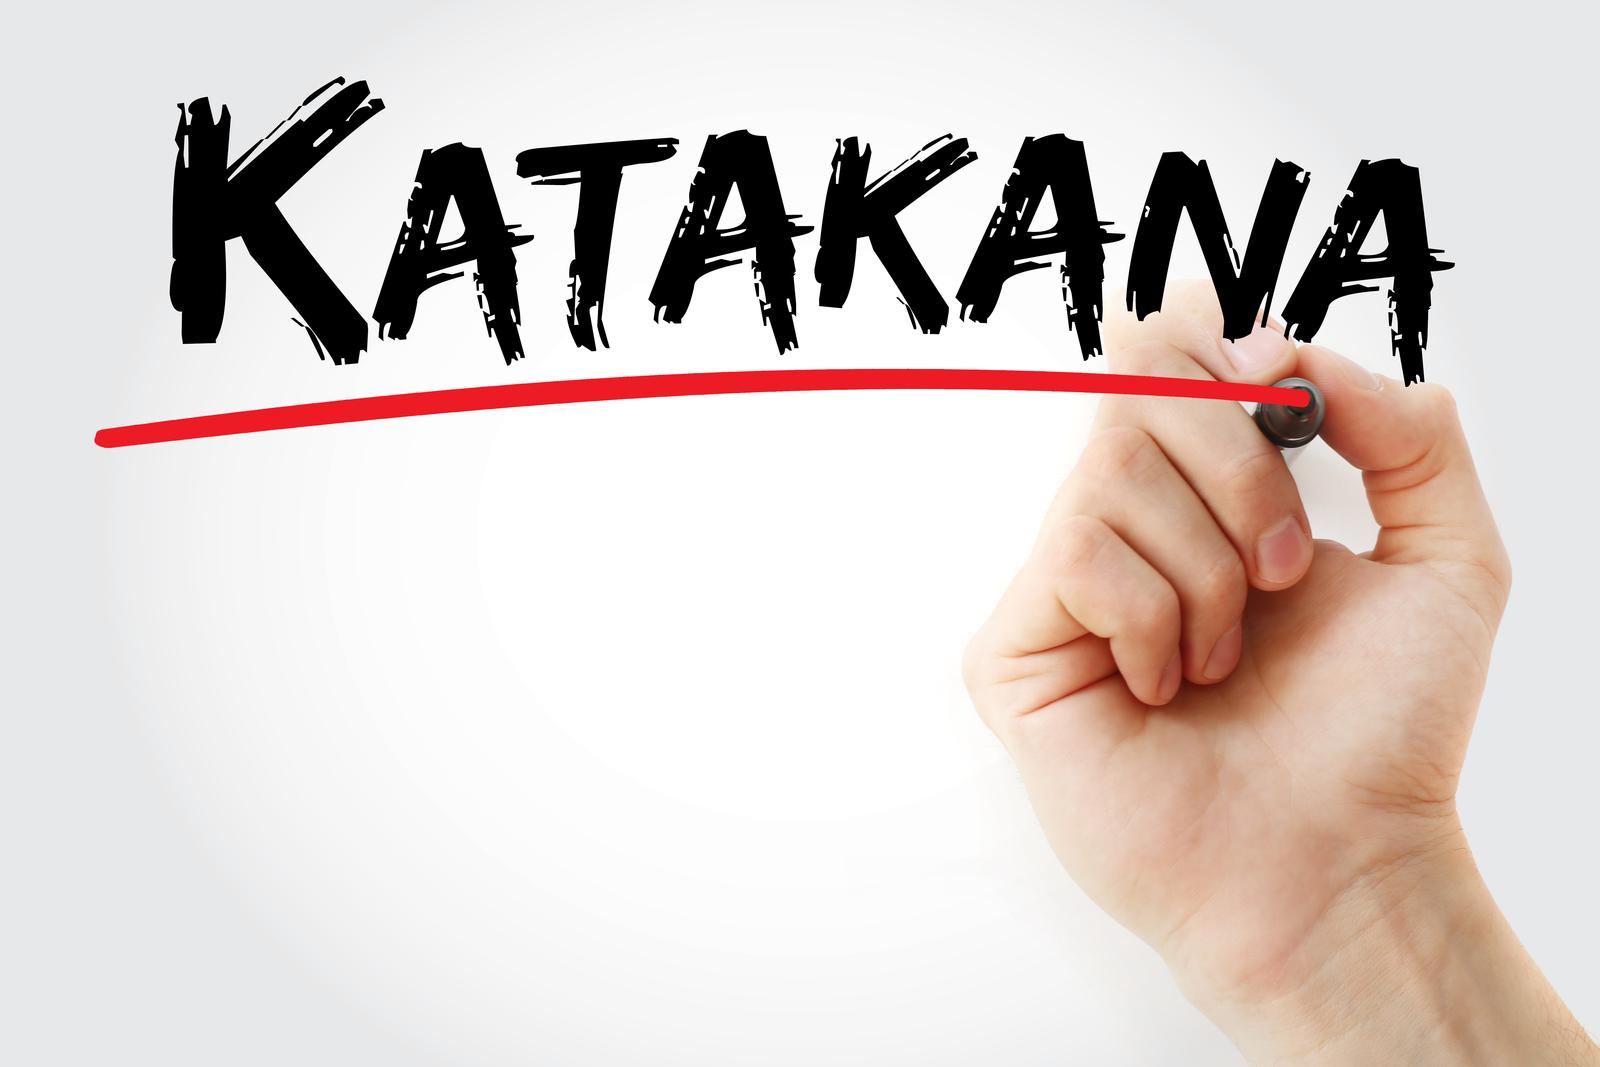 日本人がつい間違いがちな、カタカナ読みが似ている英単語10セット